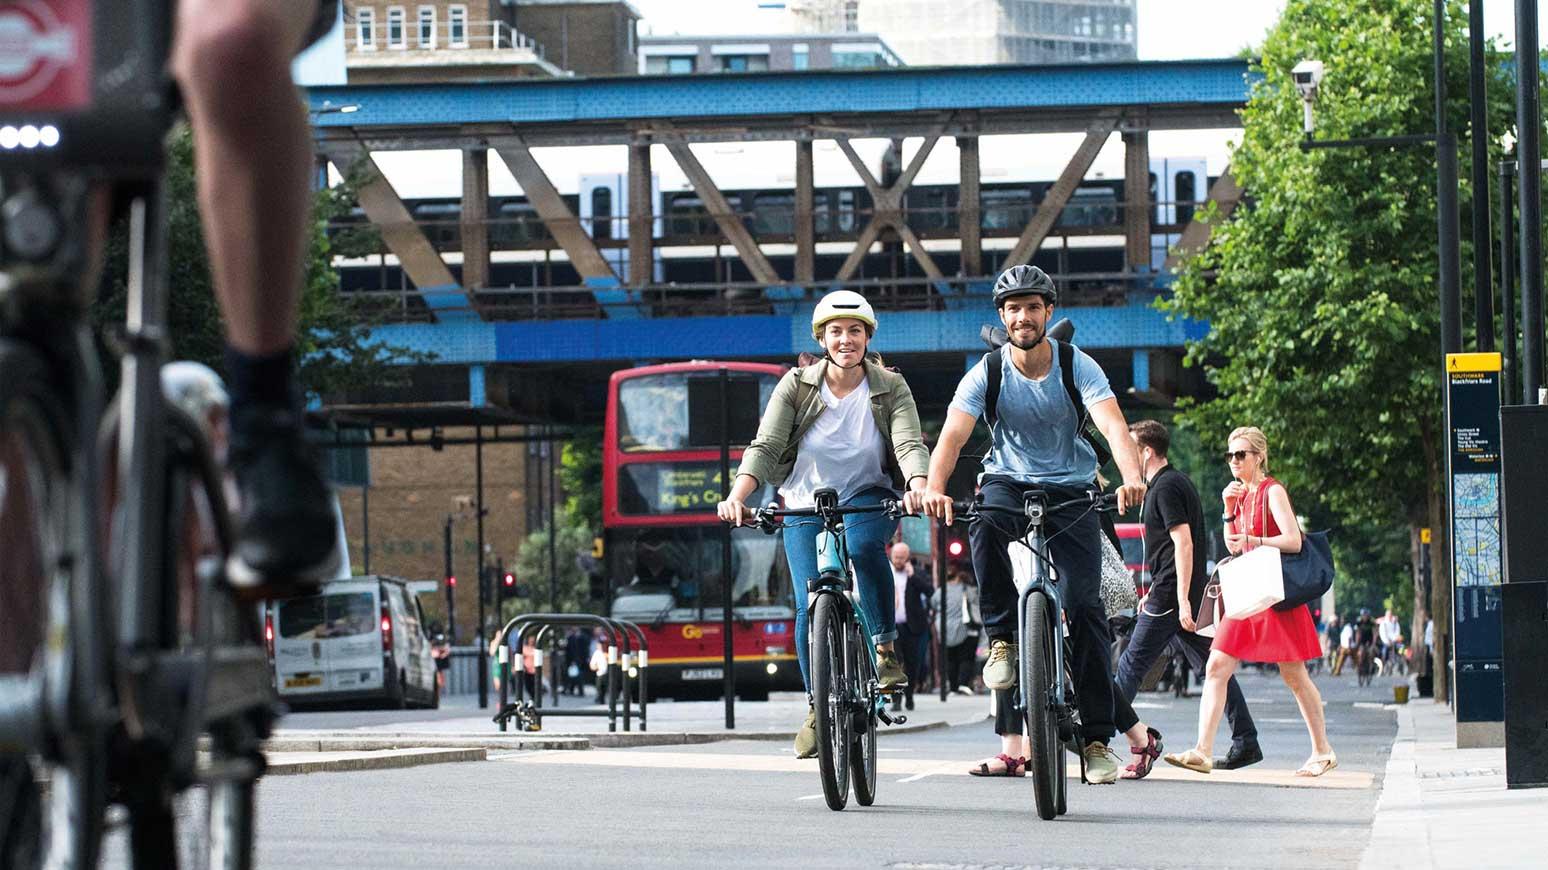 Fahrradleasing hat viele Vorteile - Bosch ermöglicht es seinen 4000 Mitarbeitern in Deutschland ab Februar´18